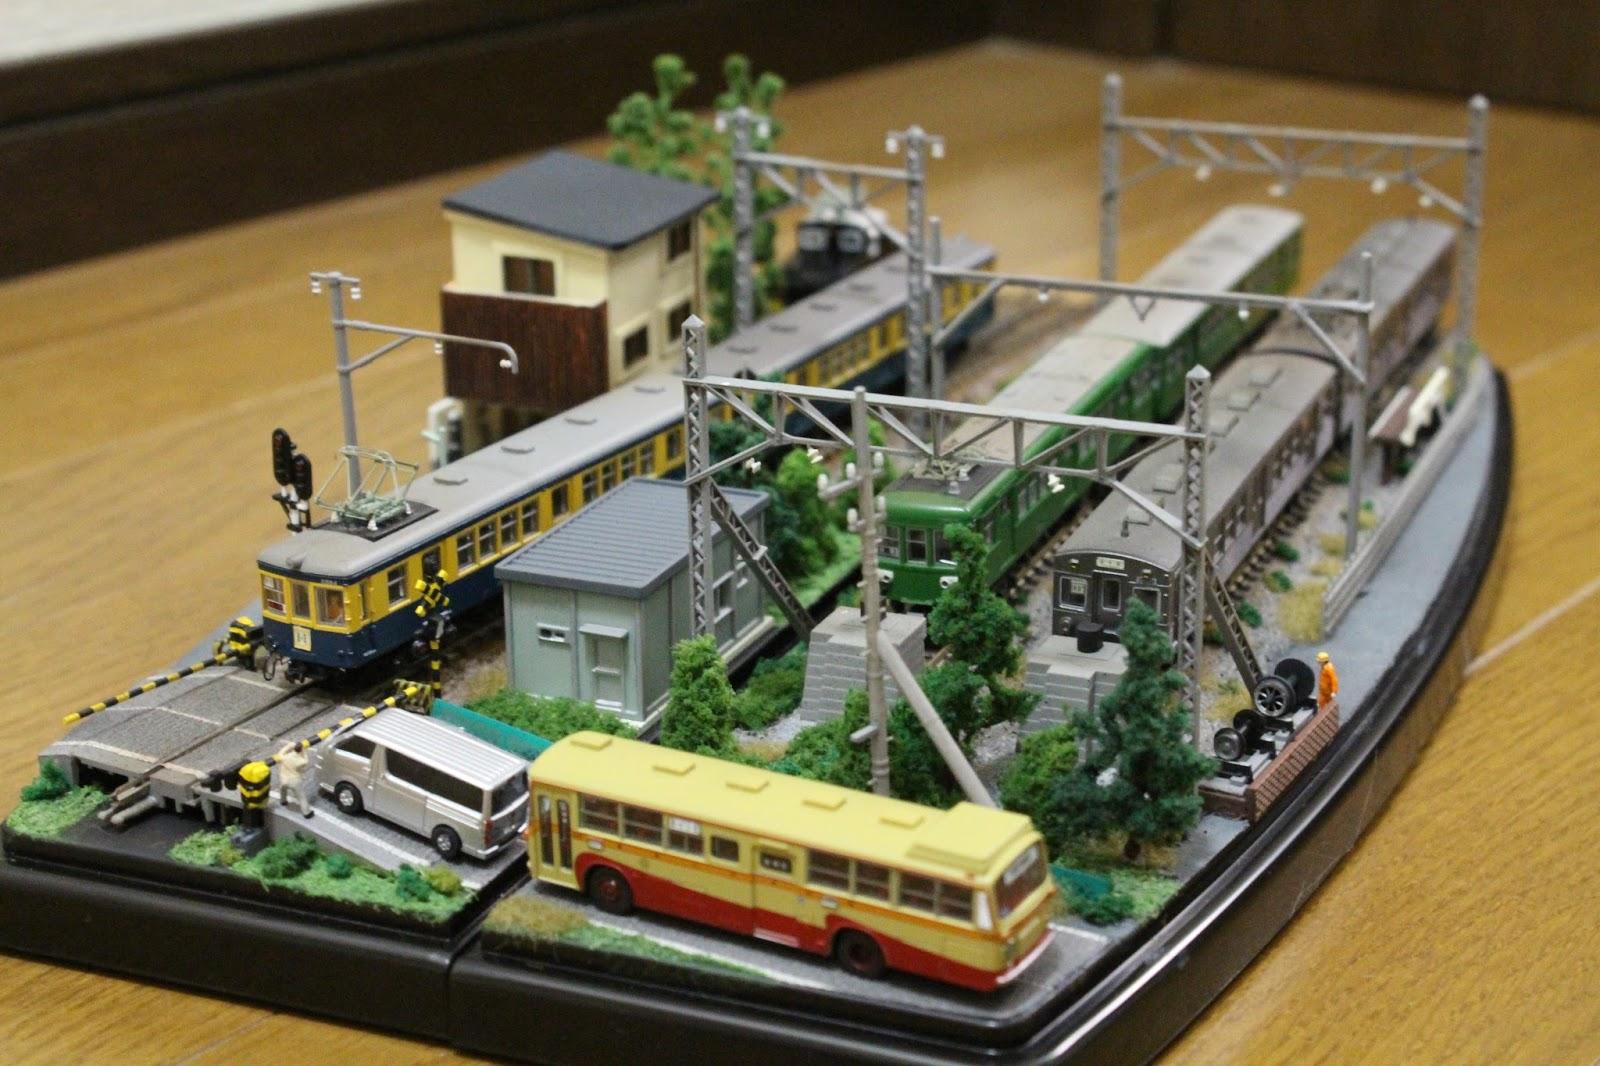 レールマーケットゾーンの\u201cTSUKURIBITO/阿亮鐵道模型社\u201dブースにおいて、ダイソー(←もちろん100均の)製ショーケースを用いたミニジオラマの競作に参戦いたし